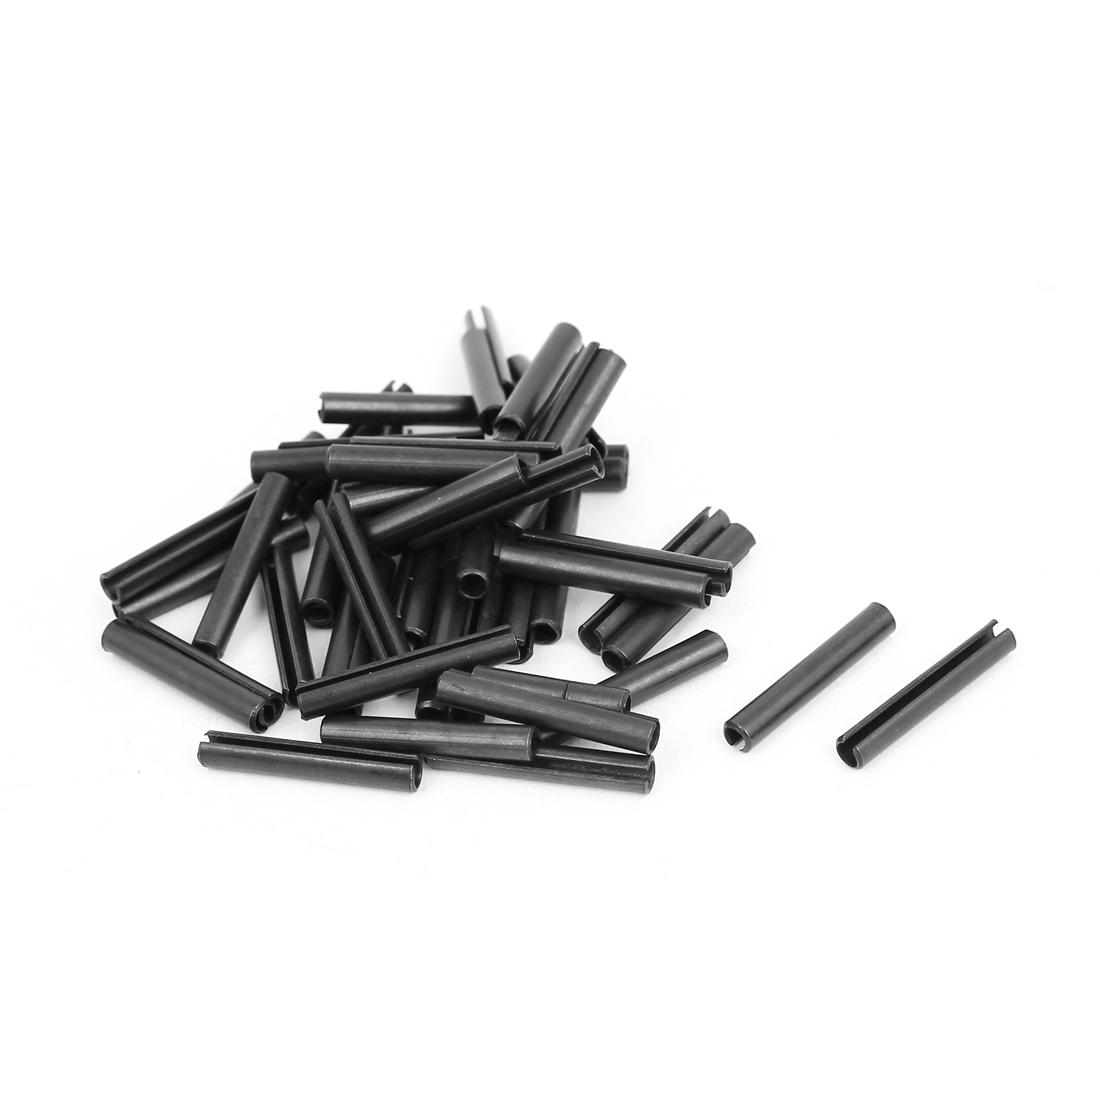 M3x20mm Carbon Steel Split Spring Roll Dowel Pins Fasteners 50pcs